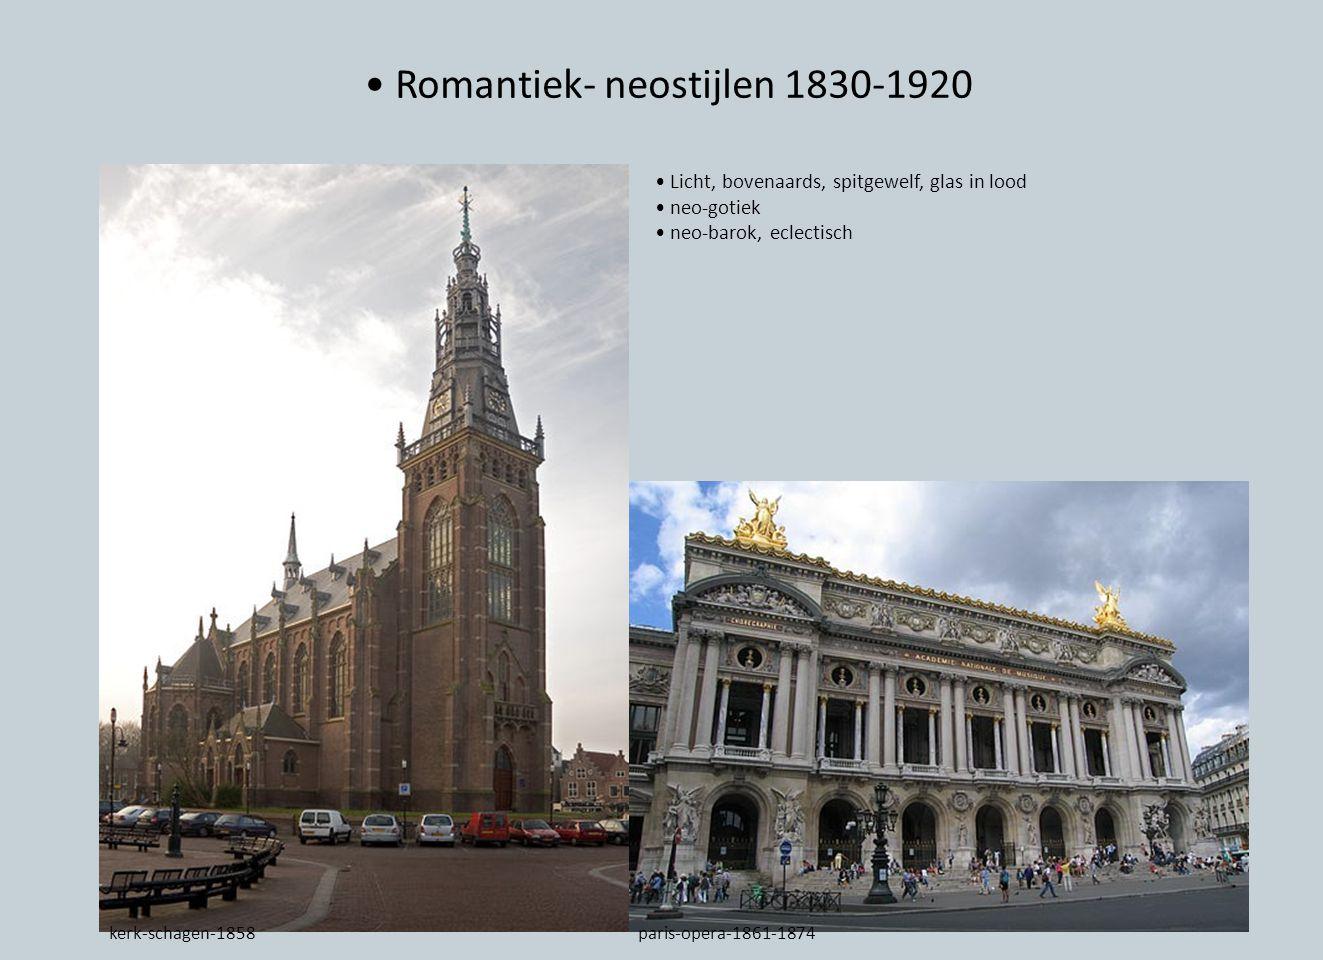 Romantiek- neostijlen 1830-1920 Licht, bovenaards, spitgewelf, glas in lood neo-gotiek neo-barok, eclectisch kerk-schagen-1858paris-opera-1861-1874